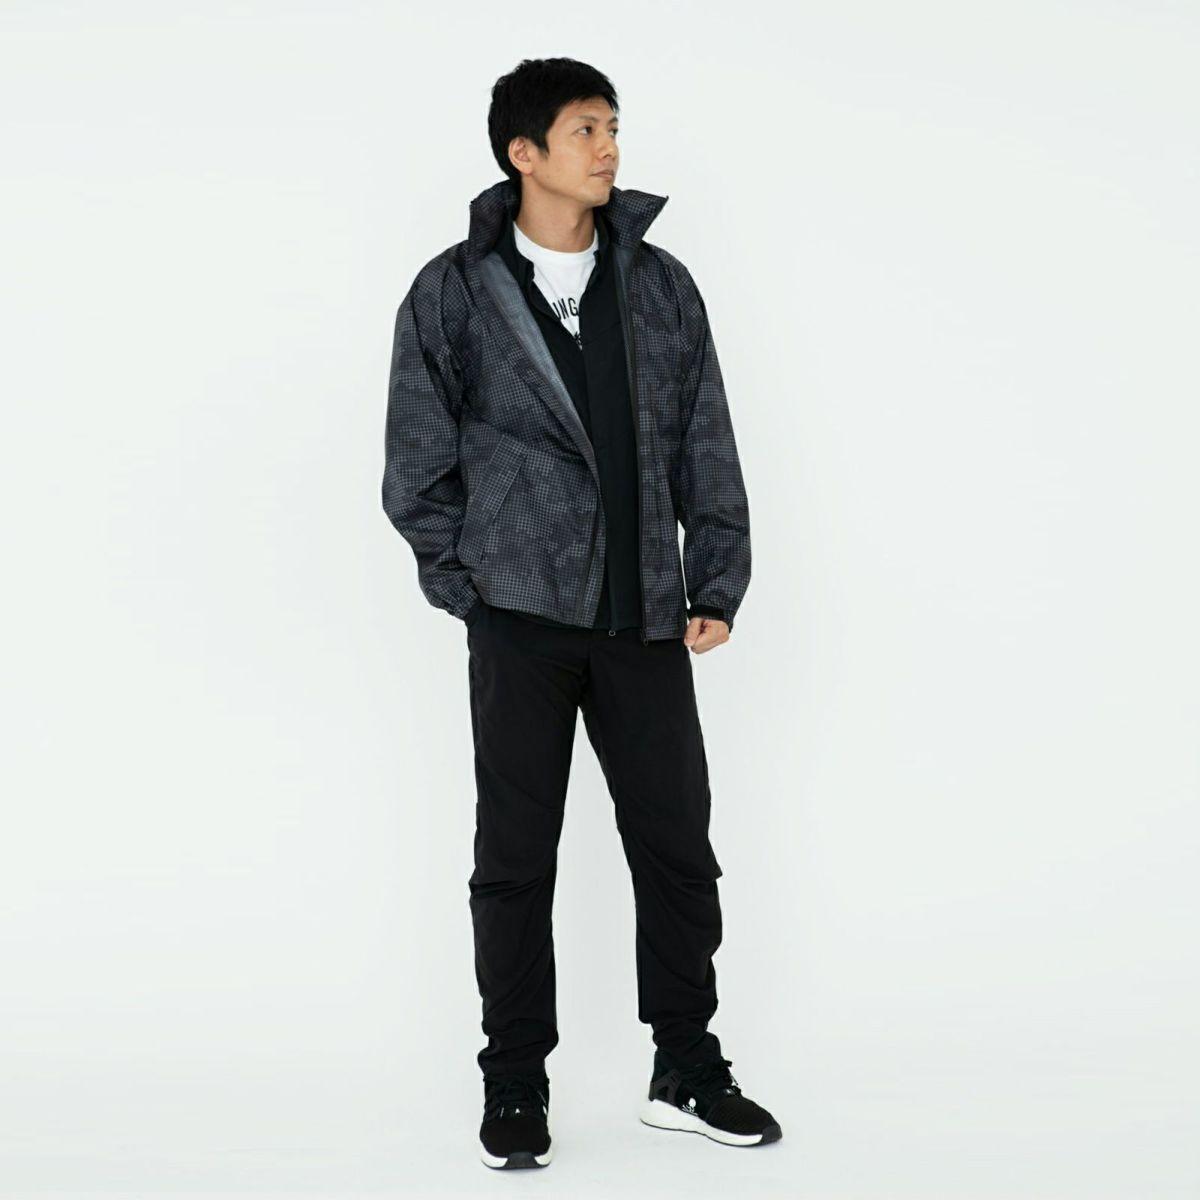 詳細:着用イメージ ブラック [男性モデルのサイズ]身長:174cm 着用サイズ:L